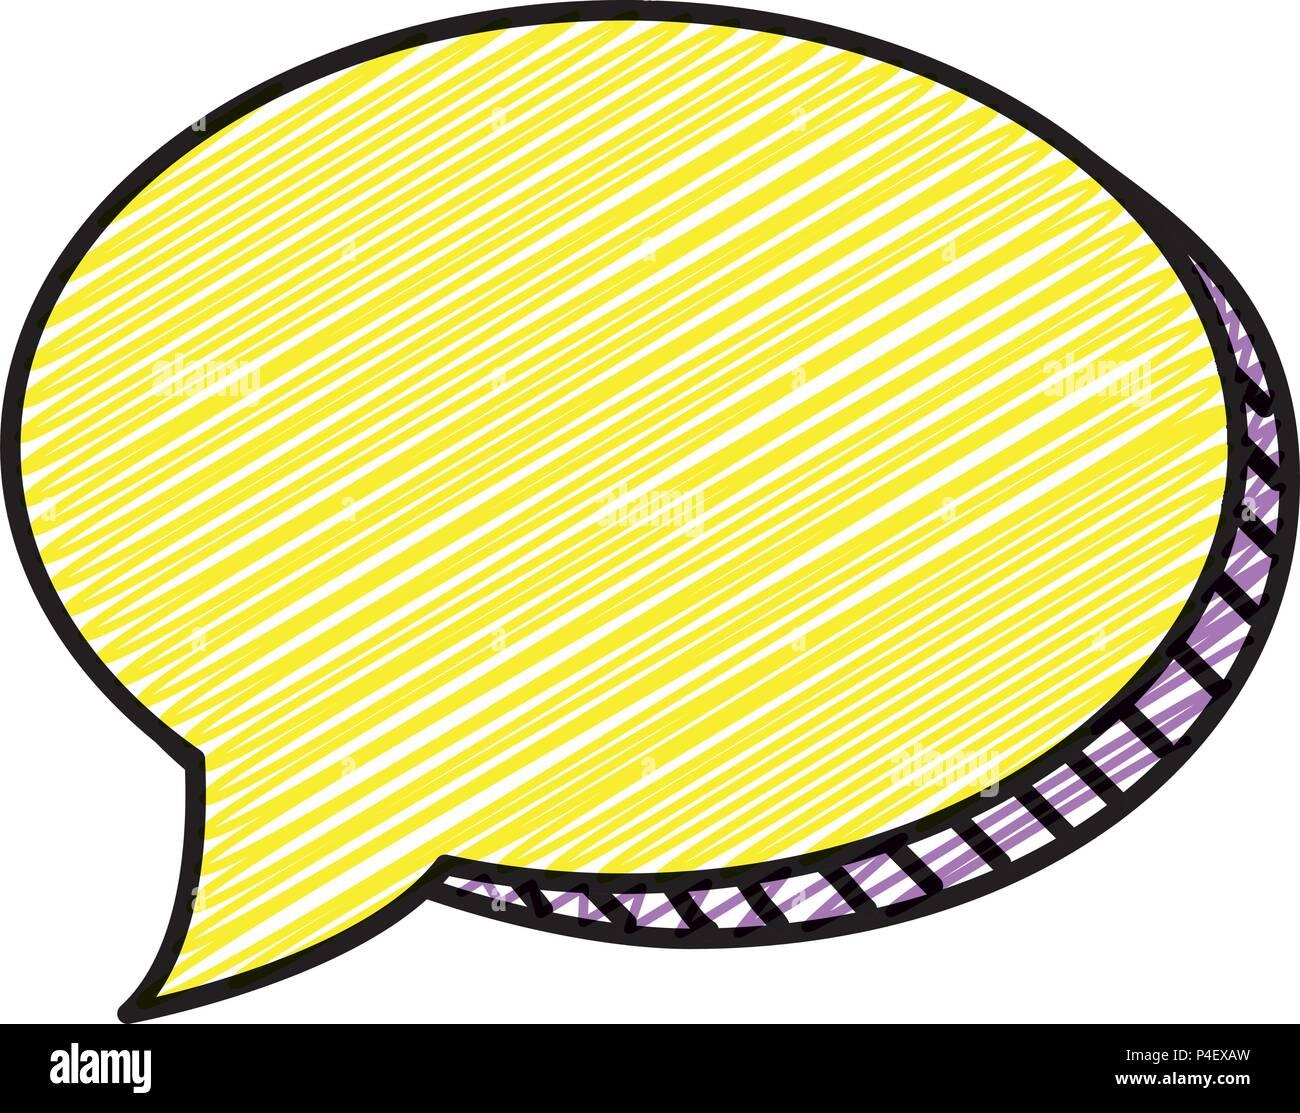 doodle chat bubble pop art message Stock Vector Art & Illustration